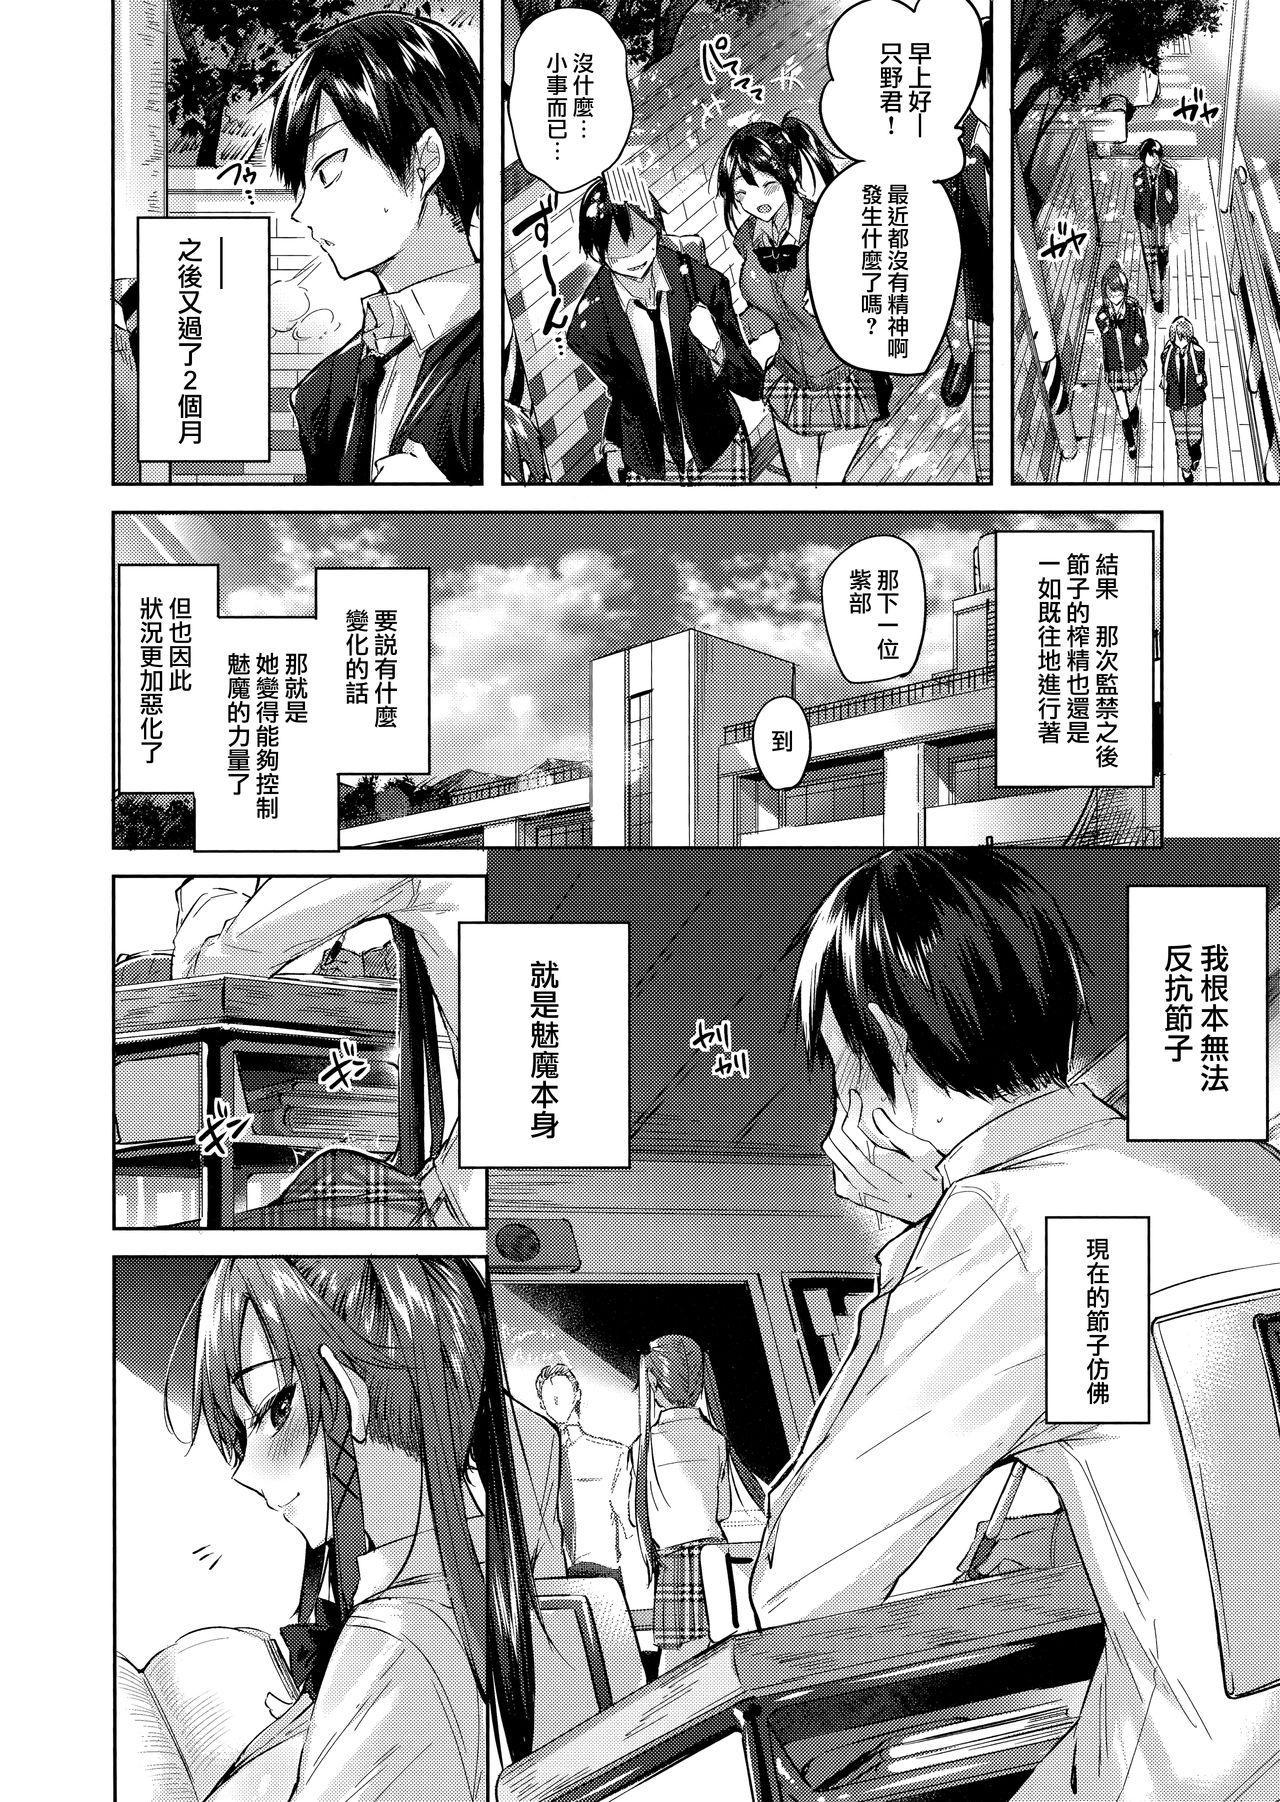 Koakuma Setsuko no Himitsu Vol. 4 7